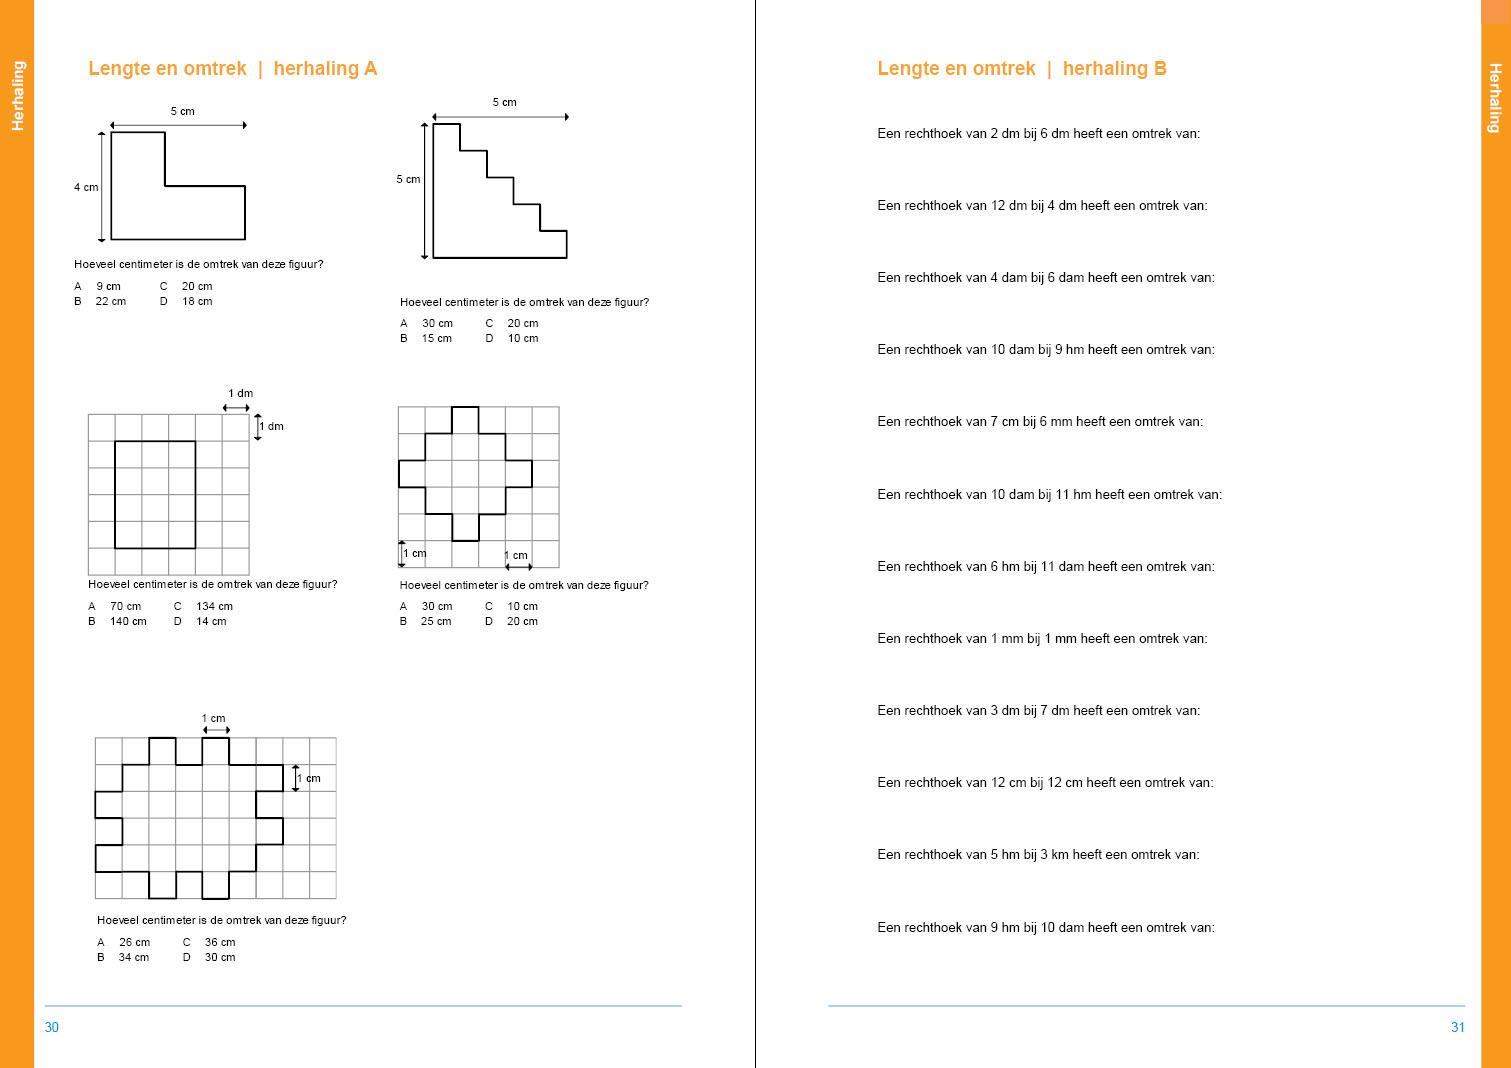 Wiskunde-werkbladen Met Antwoorden 10